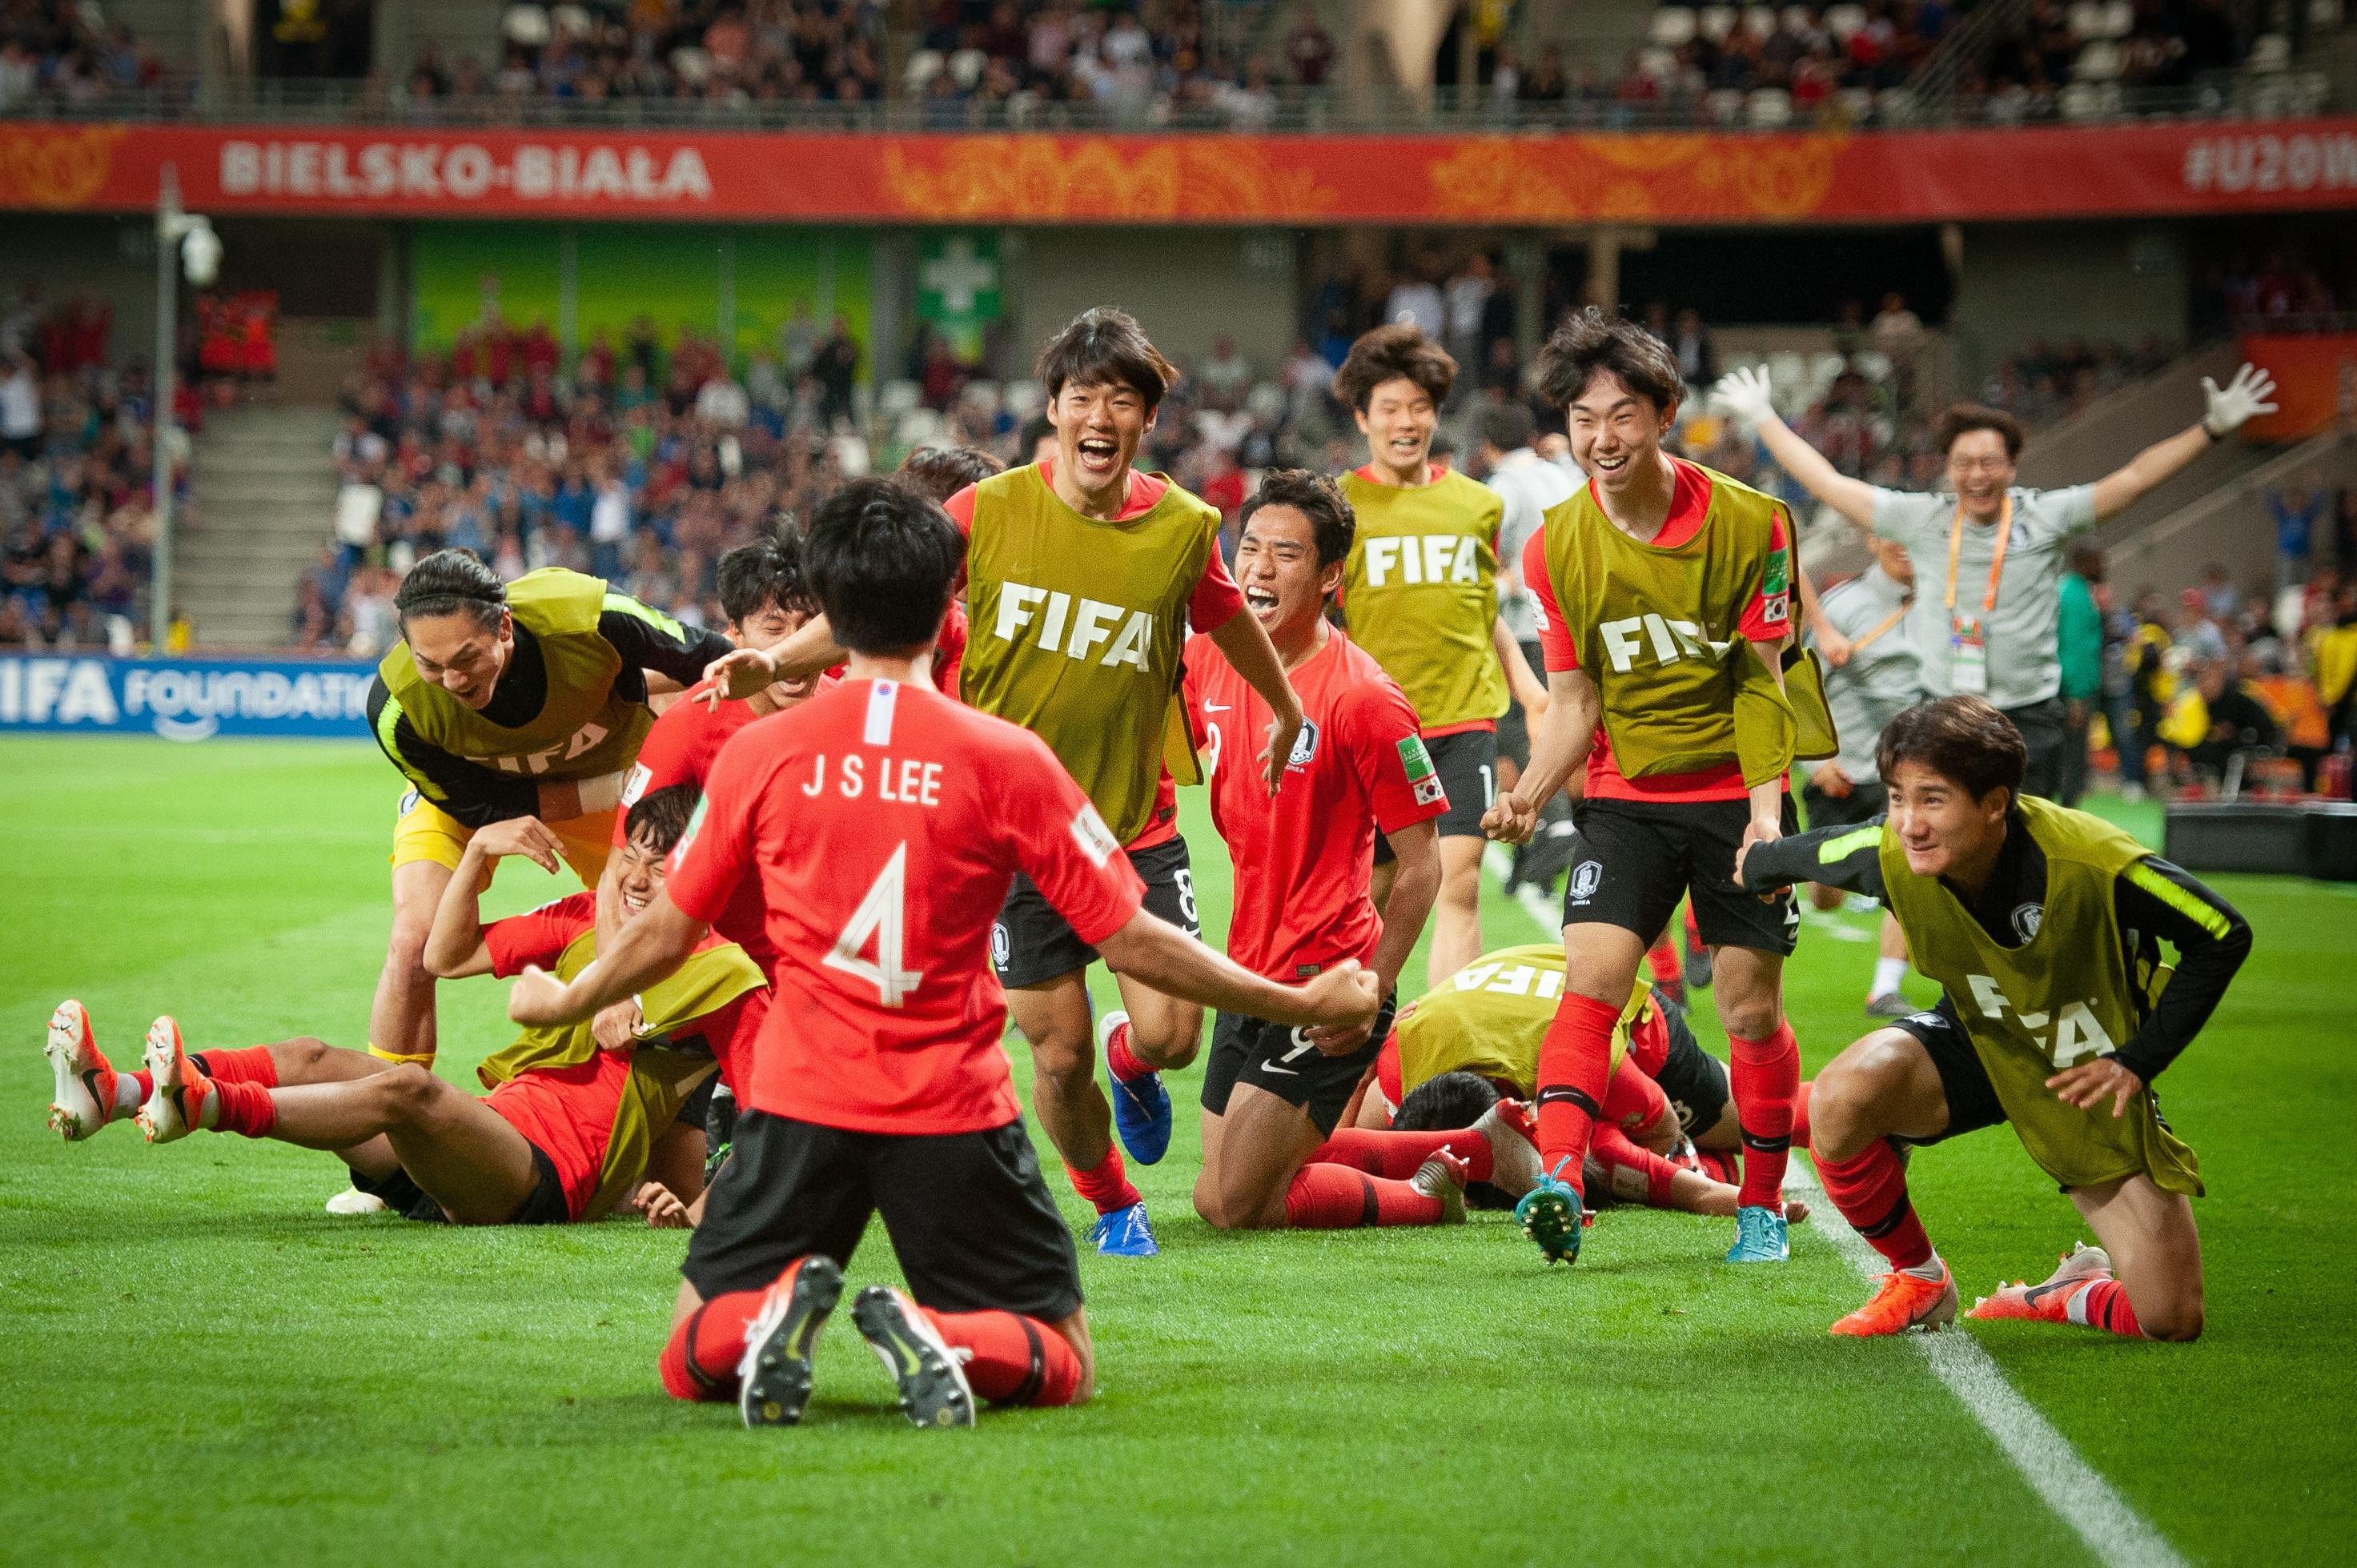 Korea Południowa U-20 to nie tylko jeden zawodnik